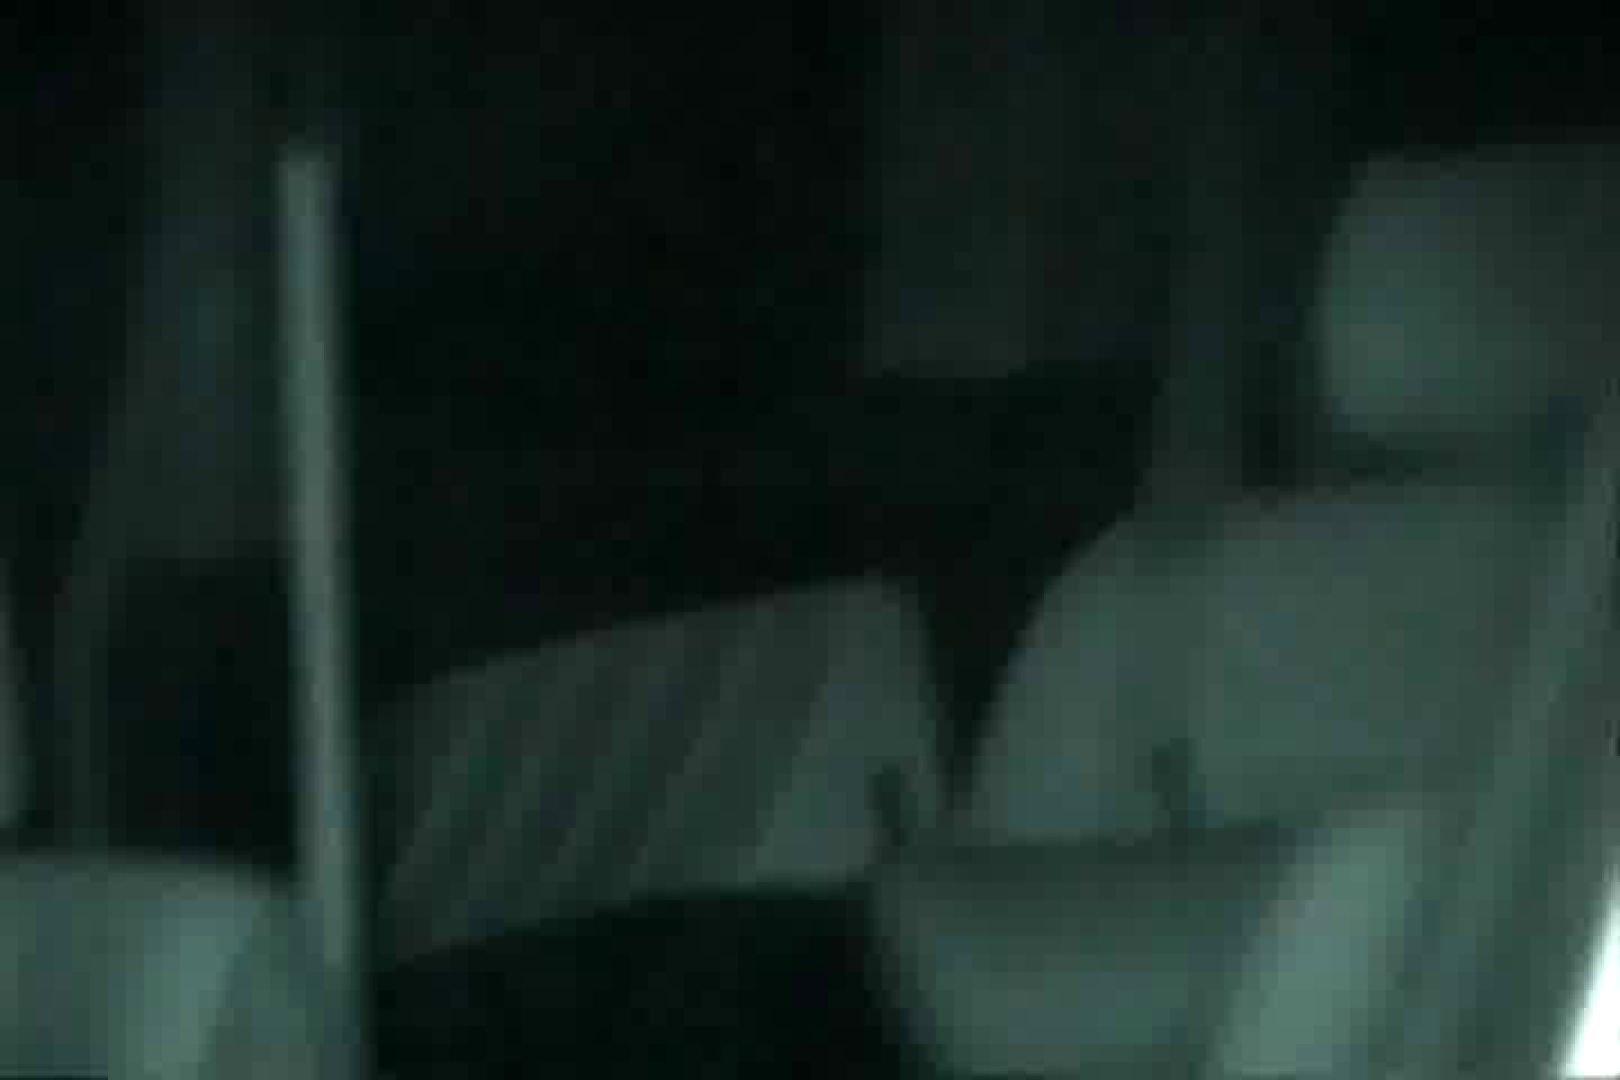 充血監督の深夜の運動会Vol.124 独身エッチOL | 生セックス  87pic 47